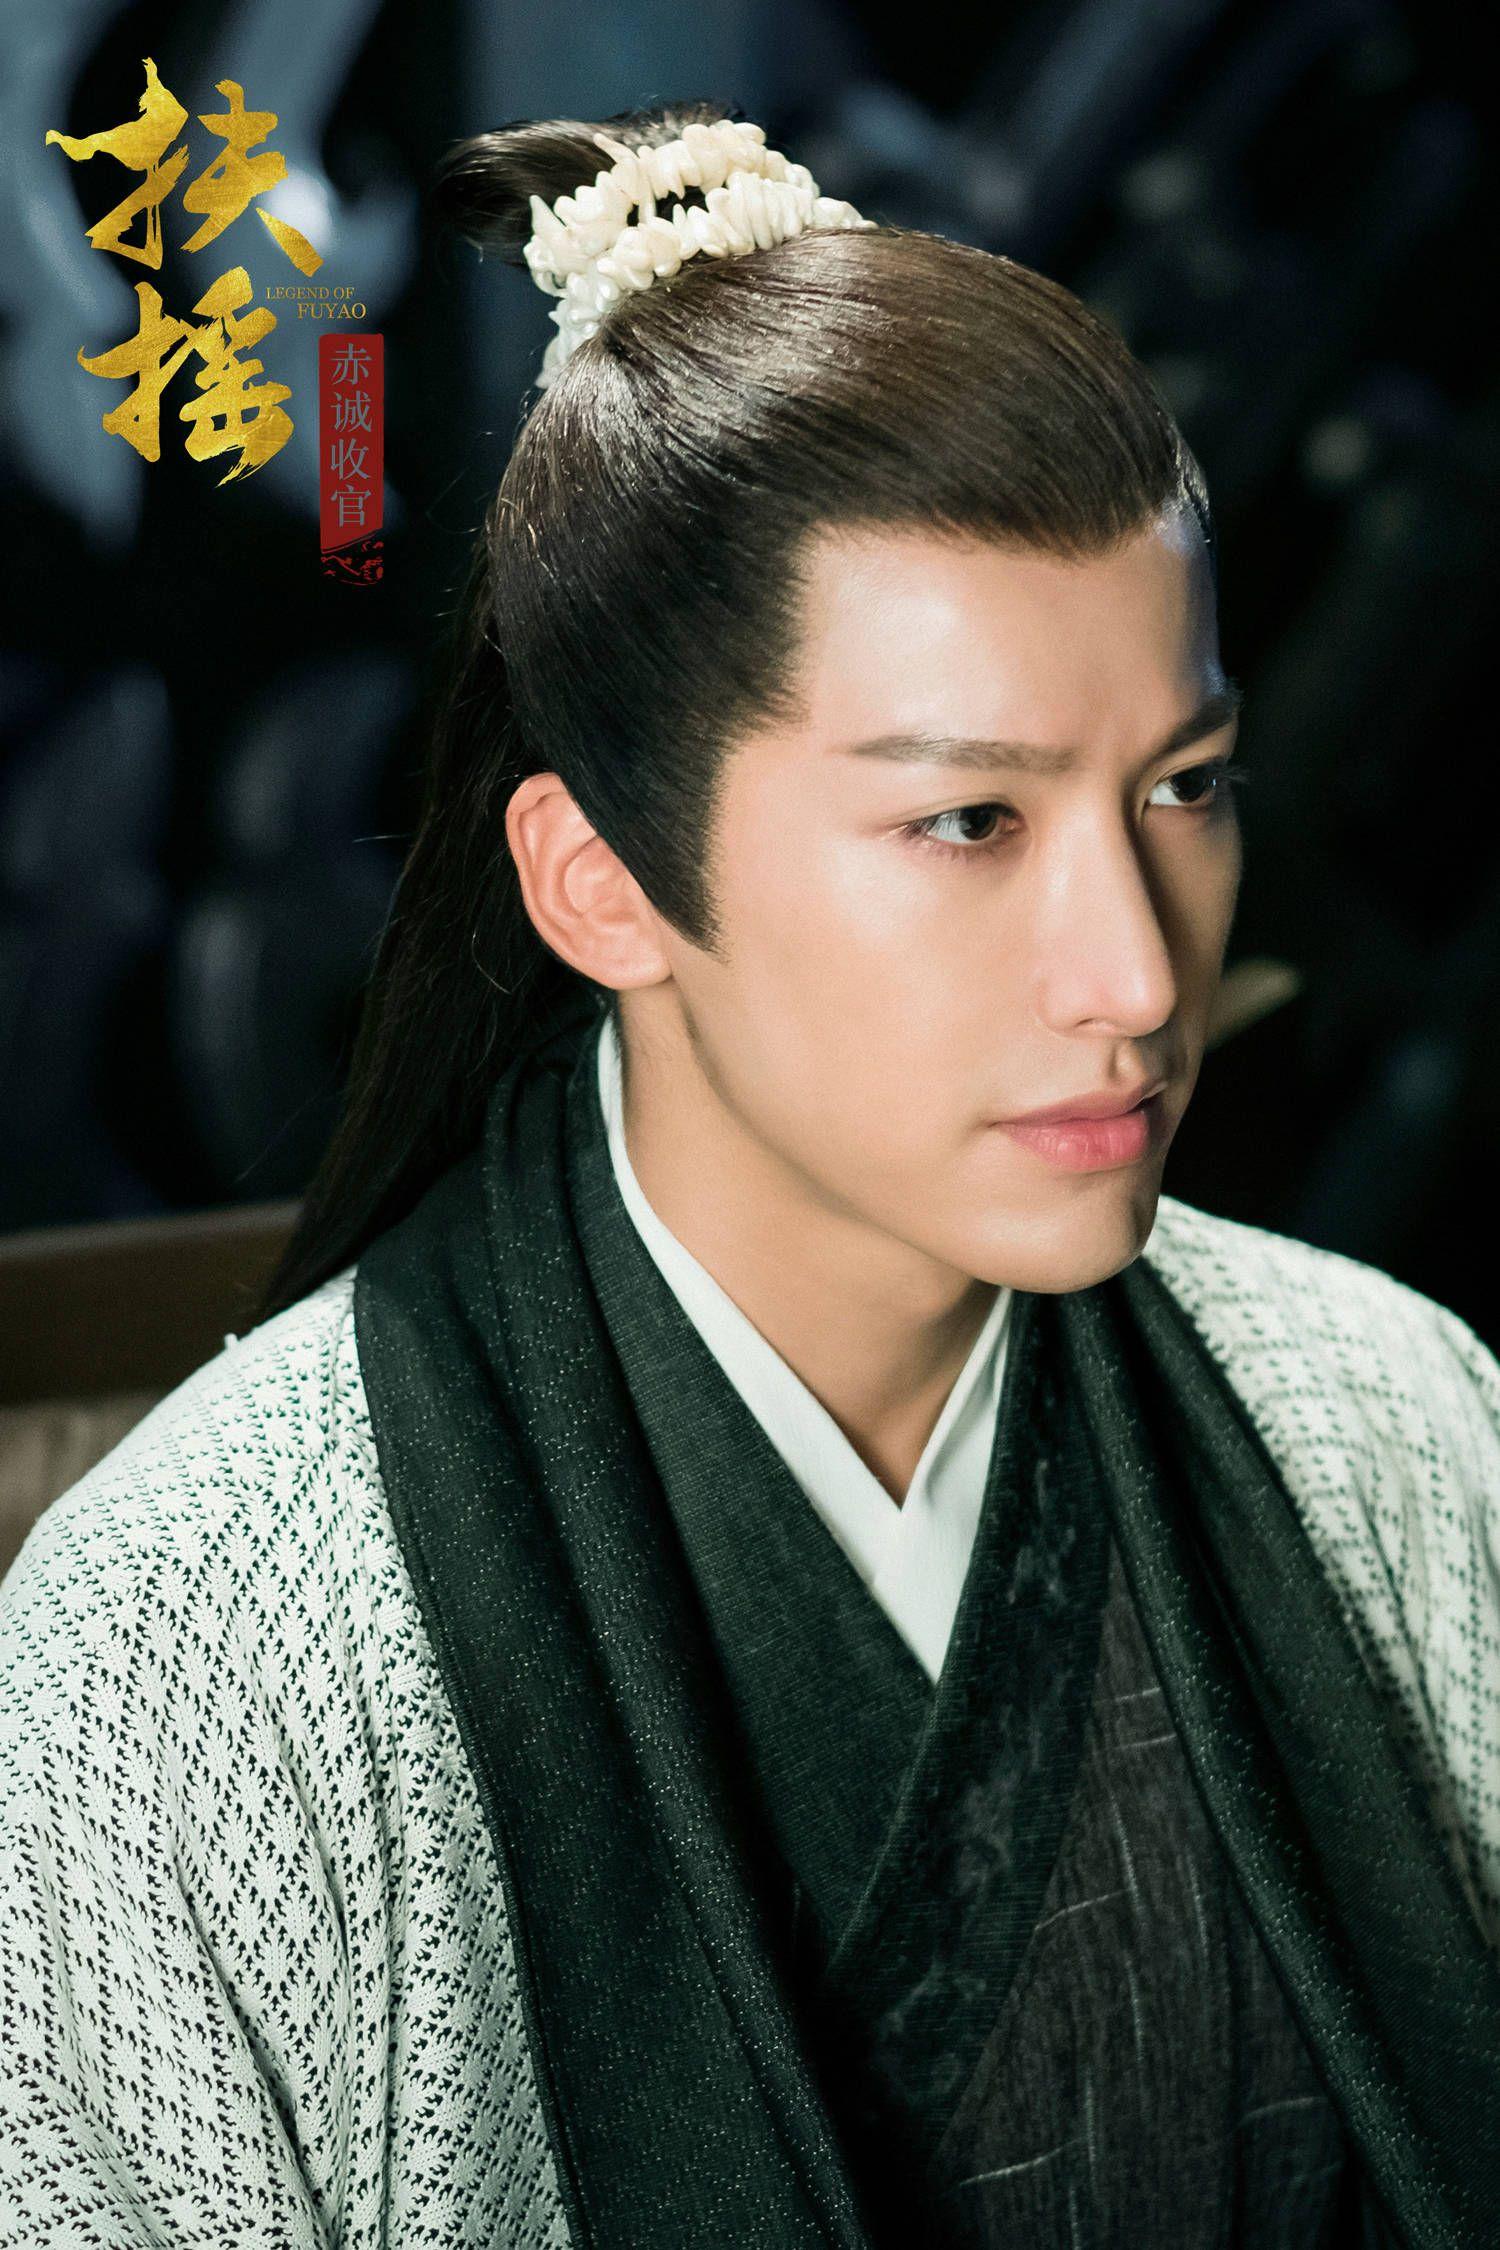 ボード legend of fu yao yang mi のピン